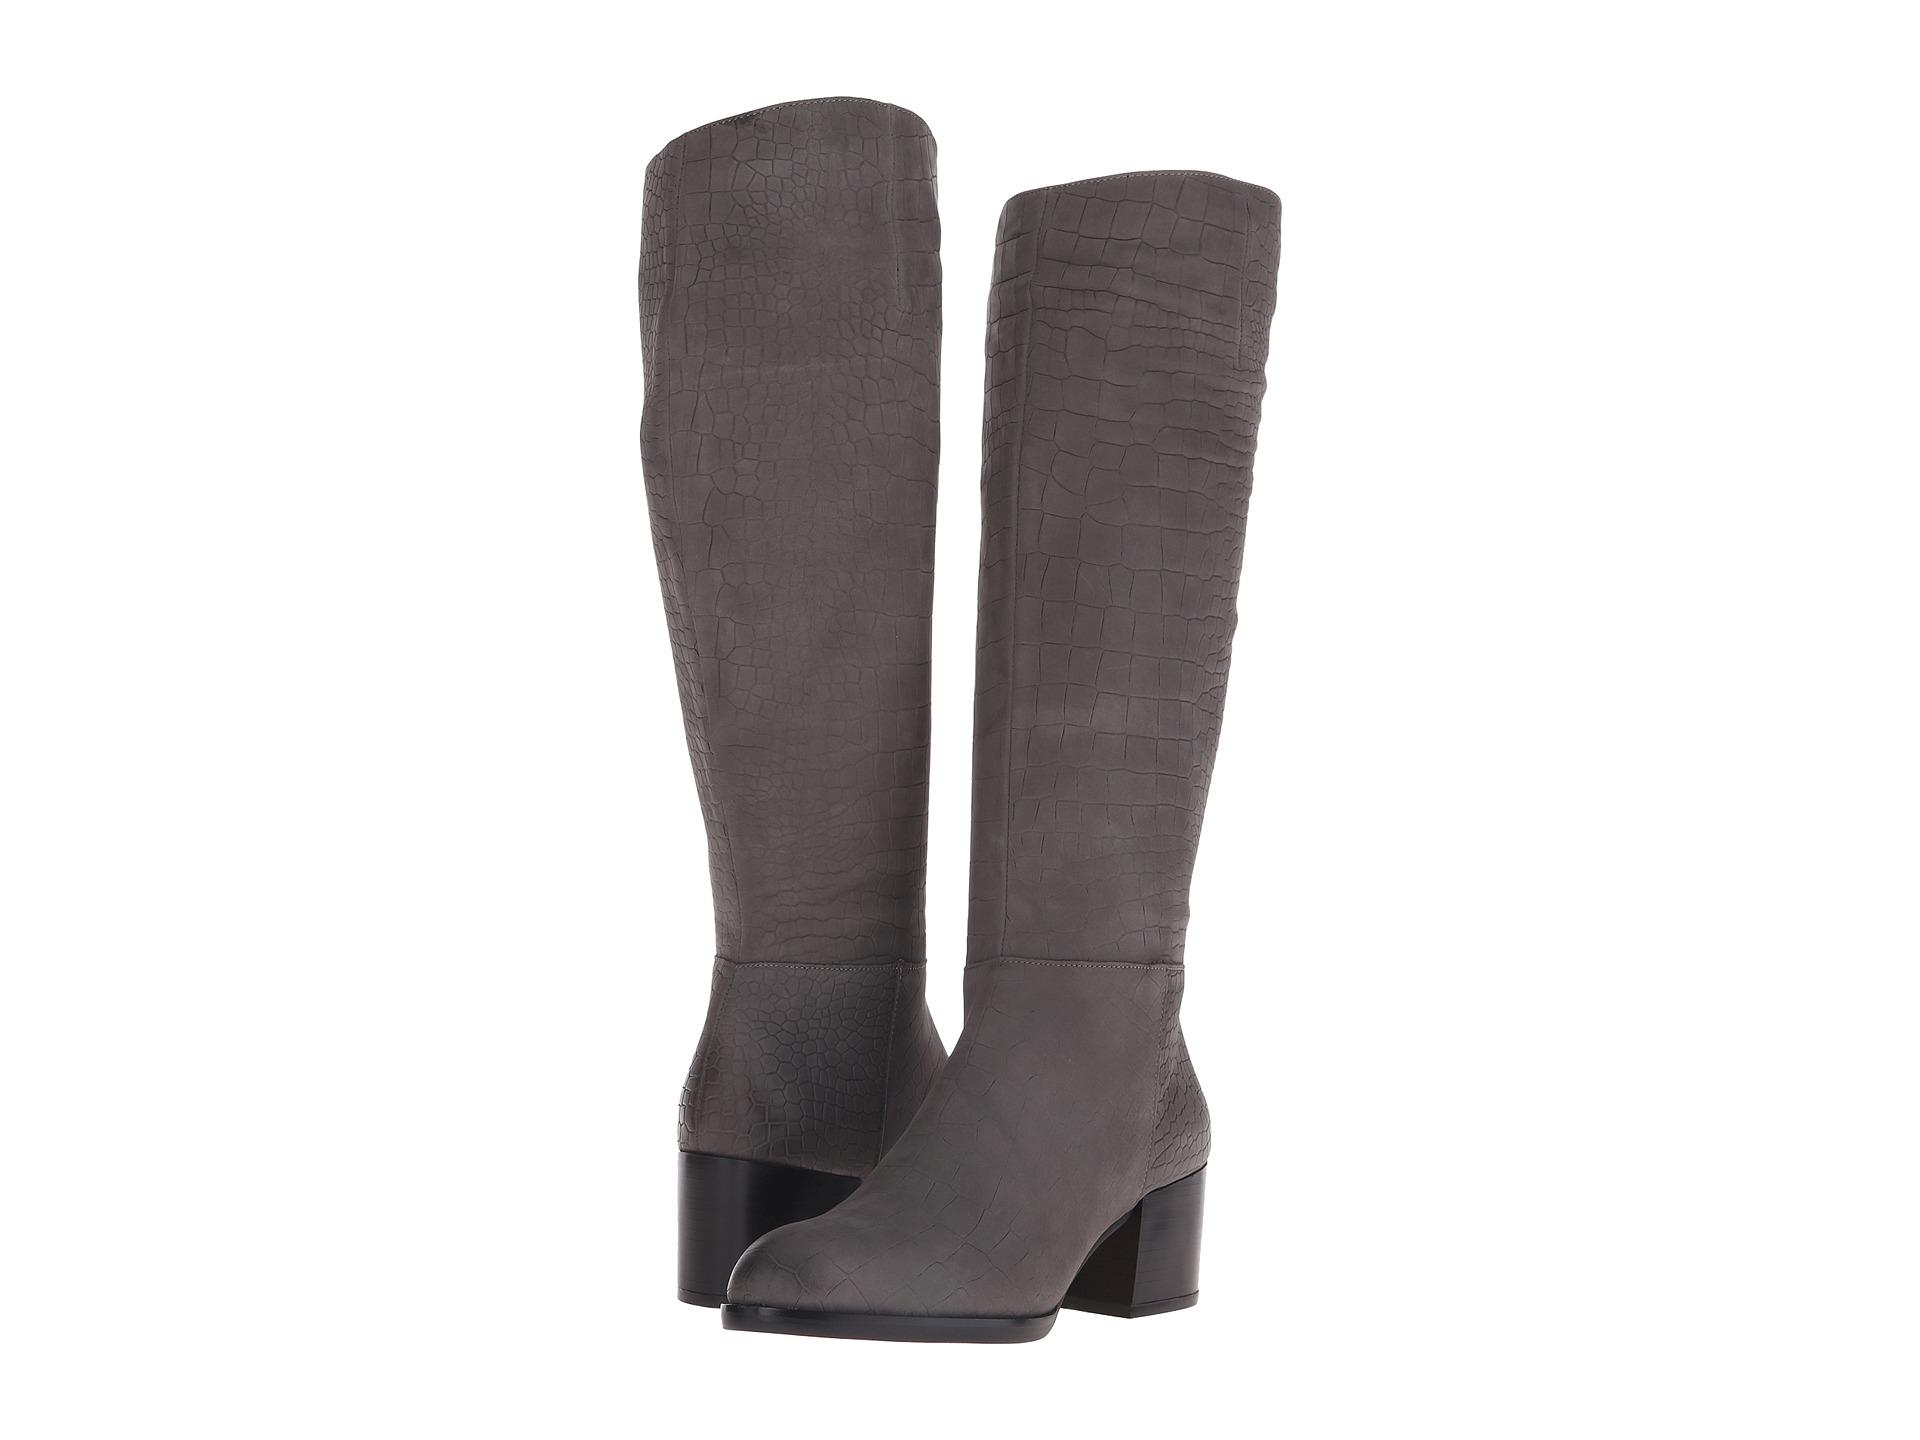 Womens Boots Sam Edelman Joelle Steel Grey